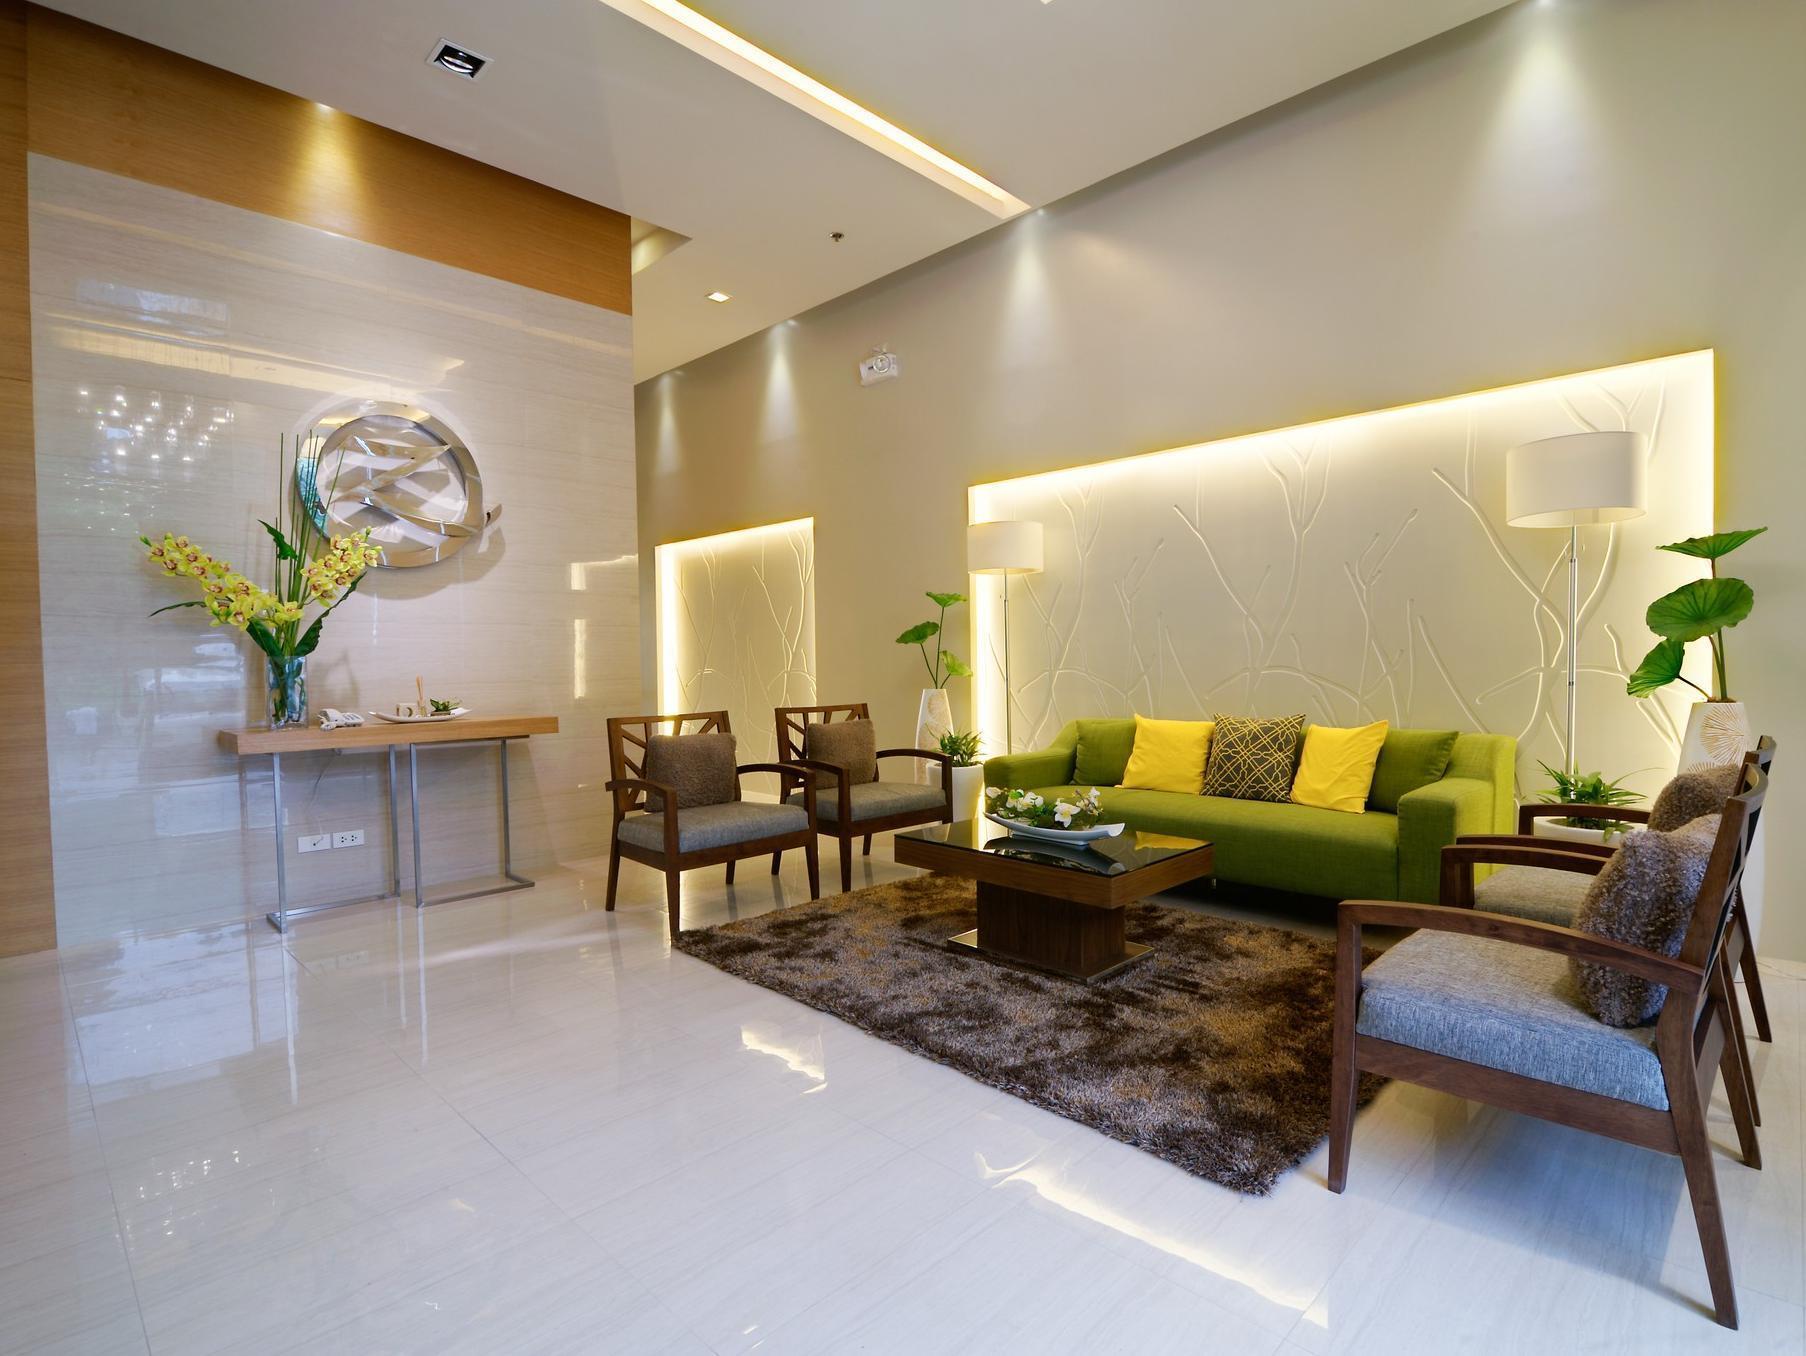 Zerenity Hotel & Suites - Cebu City